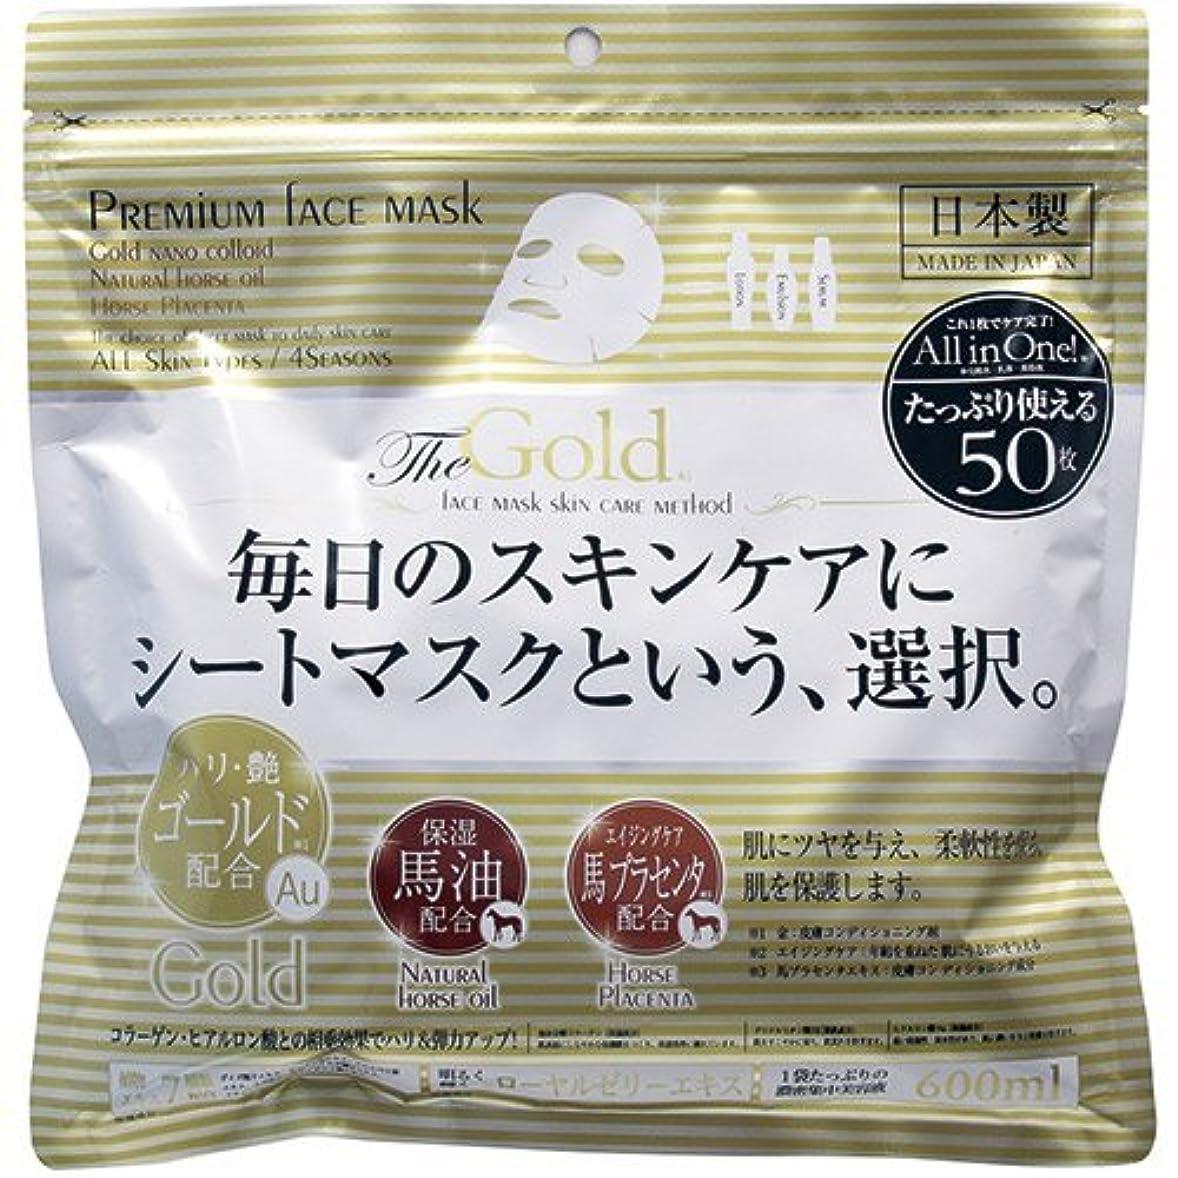 大いに資本主義神経障害【進製作所】プレミアムフェイスマスク ゴールド 50枚 ×10個セット